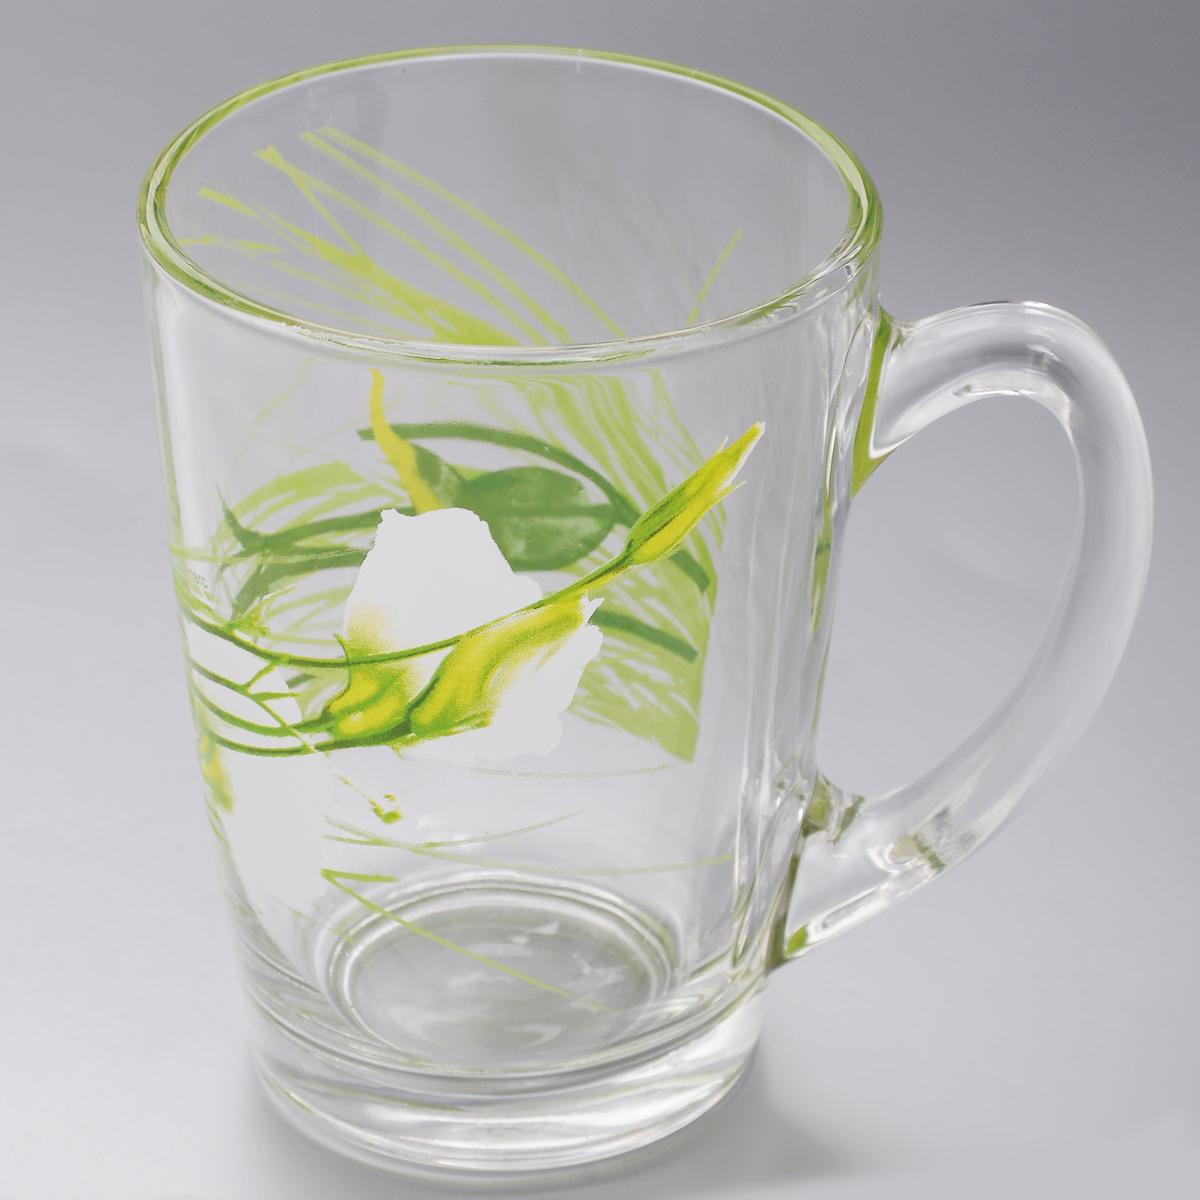 Кружка Luminarc Sofiane Green, 320 мл391602Кружка Luminarc Sofiane Green изготовлена из упрочненного стекла. Такая кружка прекрасно подойдет для горячих и холодных напитков. Она дополнит коллекцию вашей кухонной посуды и будет служить долгие годы. Диаметр кружки (по верхнему краю): 8 см.